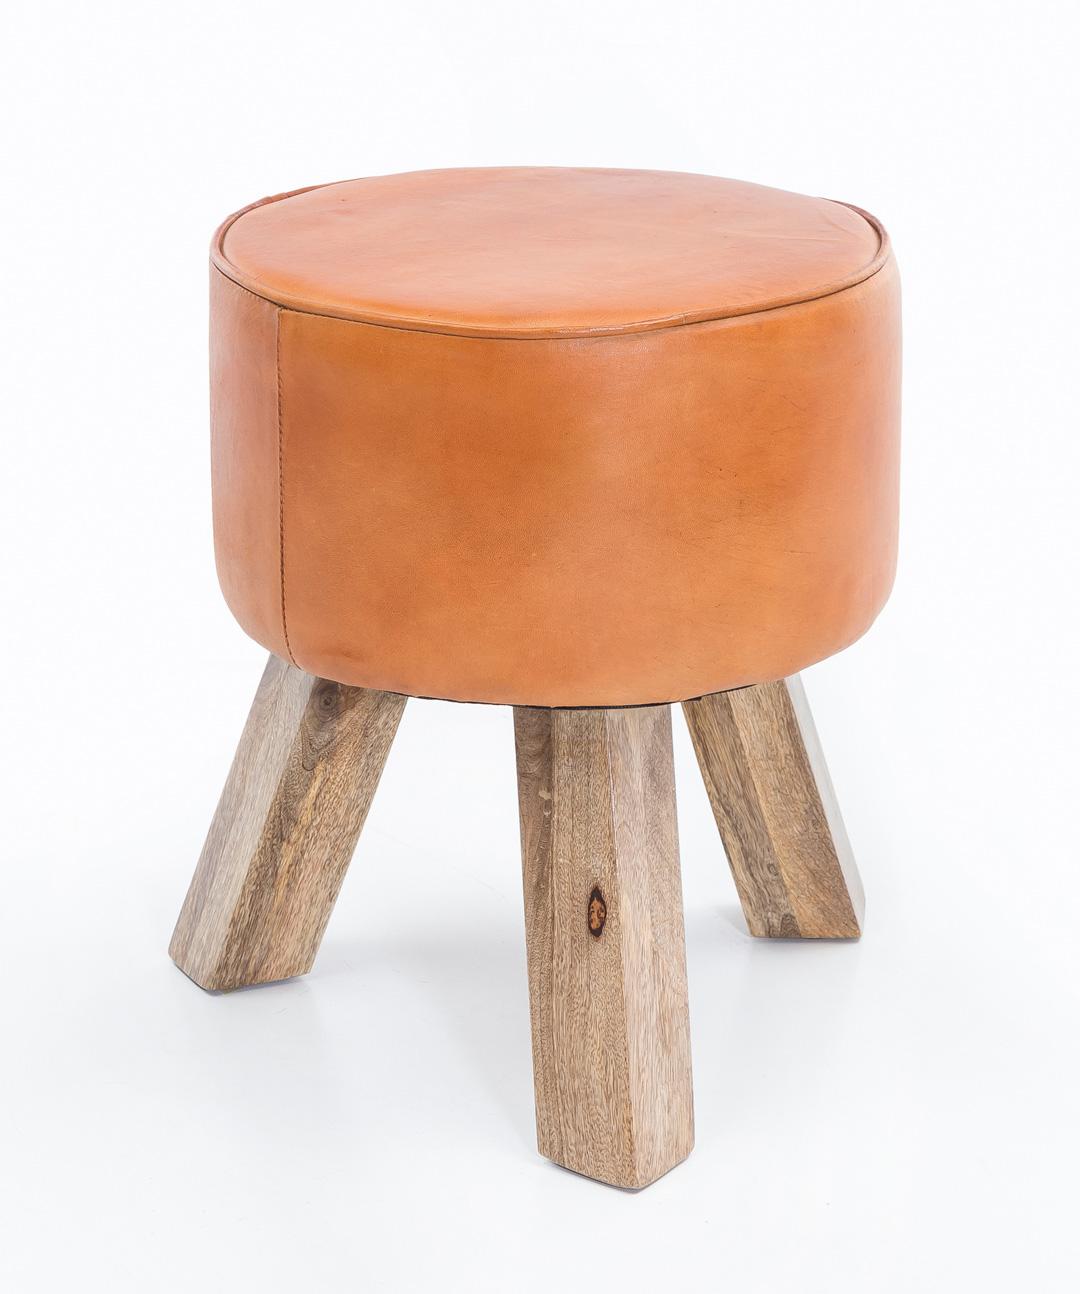 Stolička trojnožka Dana, 37x45 cm, hnědá kůže